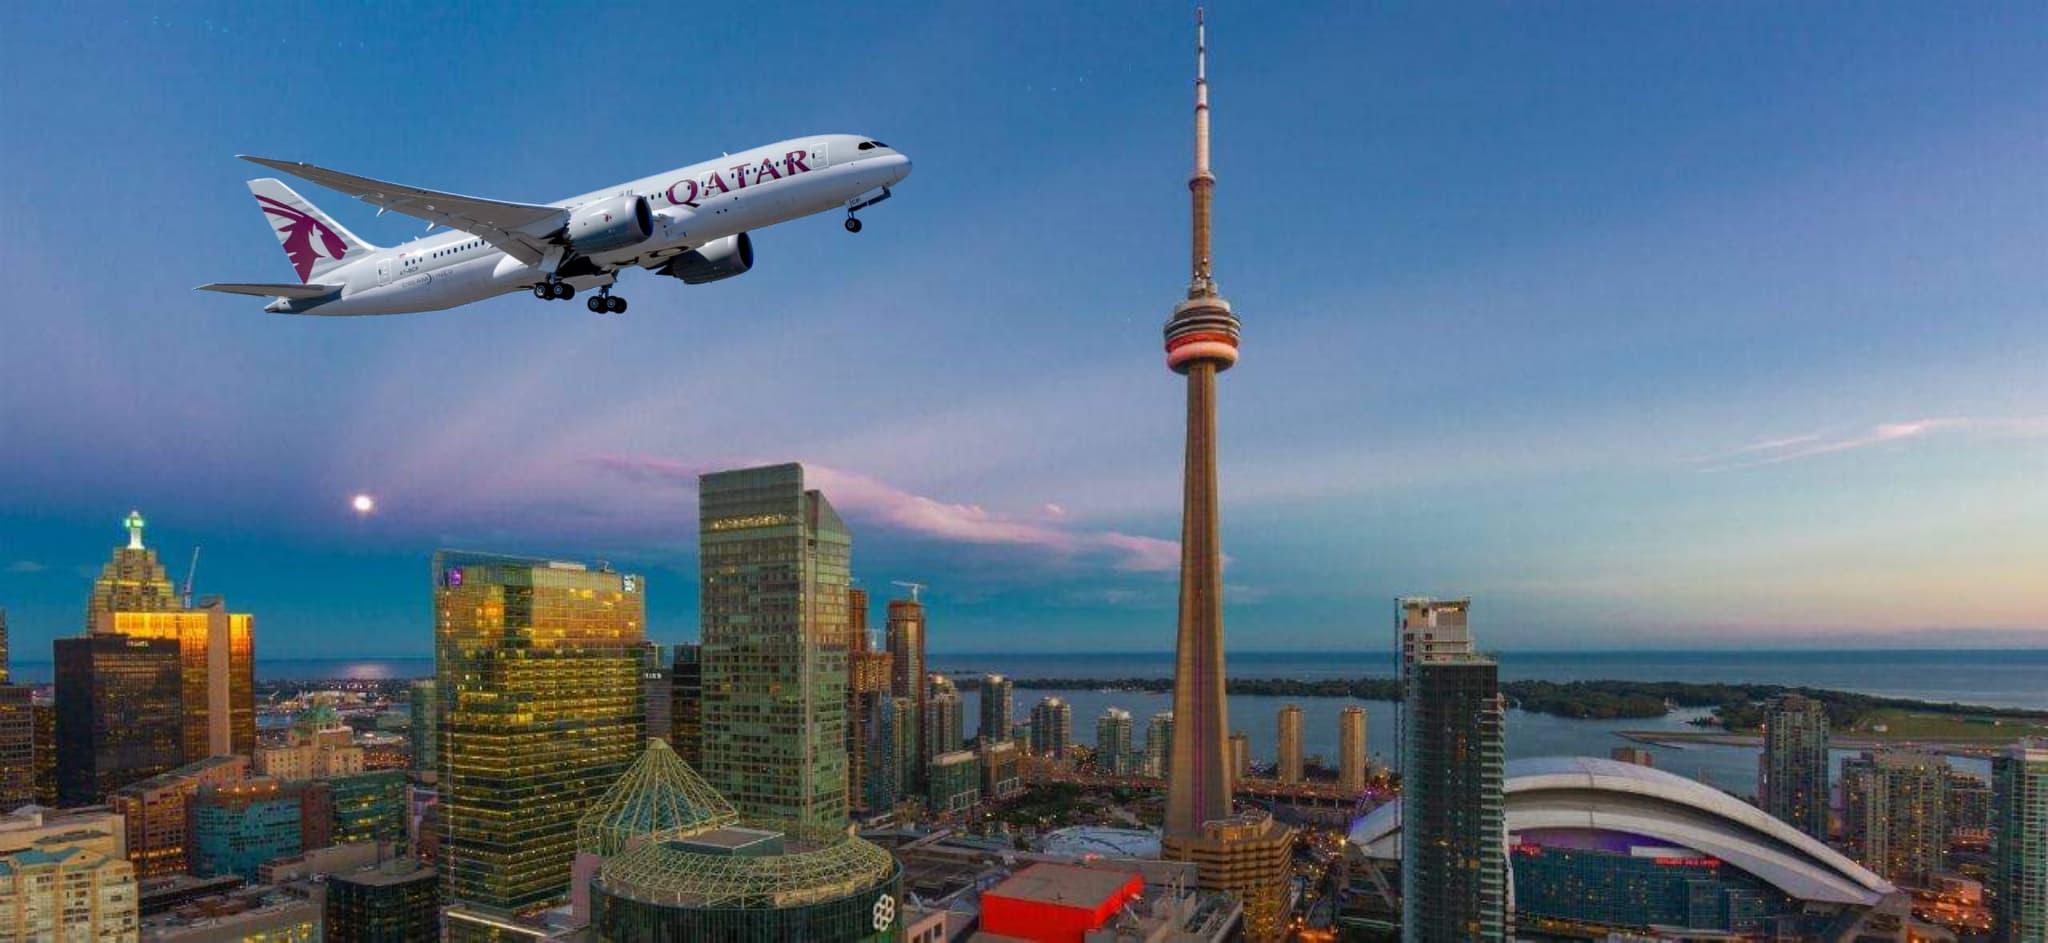 Qatar Airways ofrecerá a sus clientes conexiones sin interrupciones desde Toronto hacia Doha